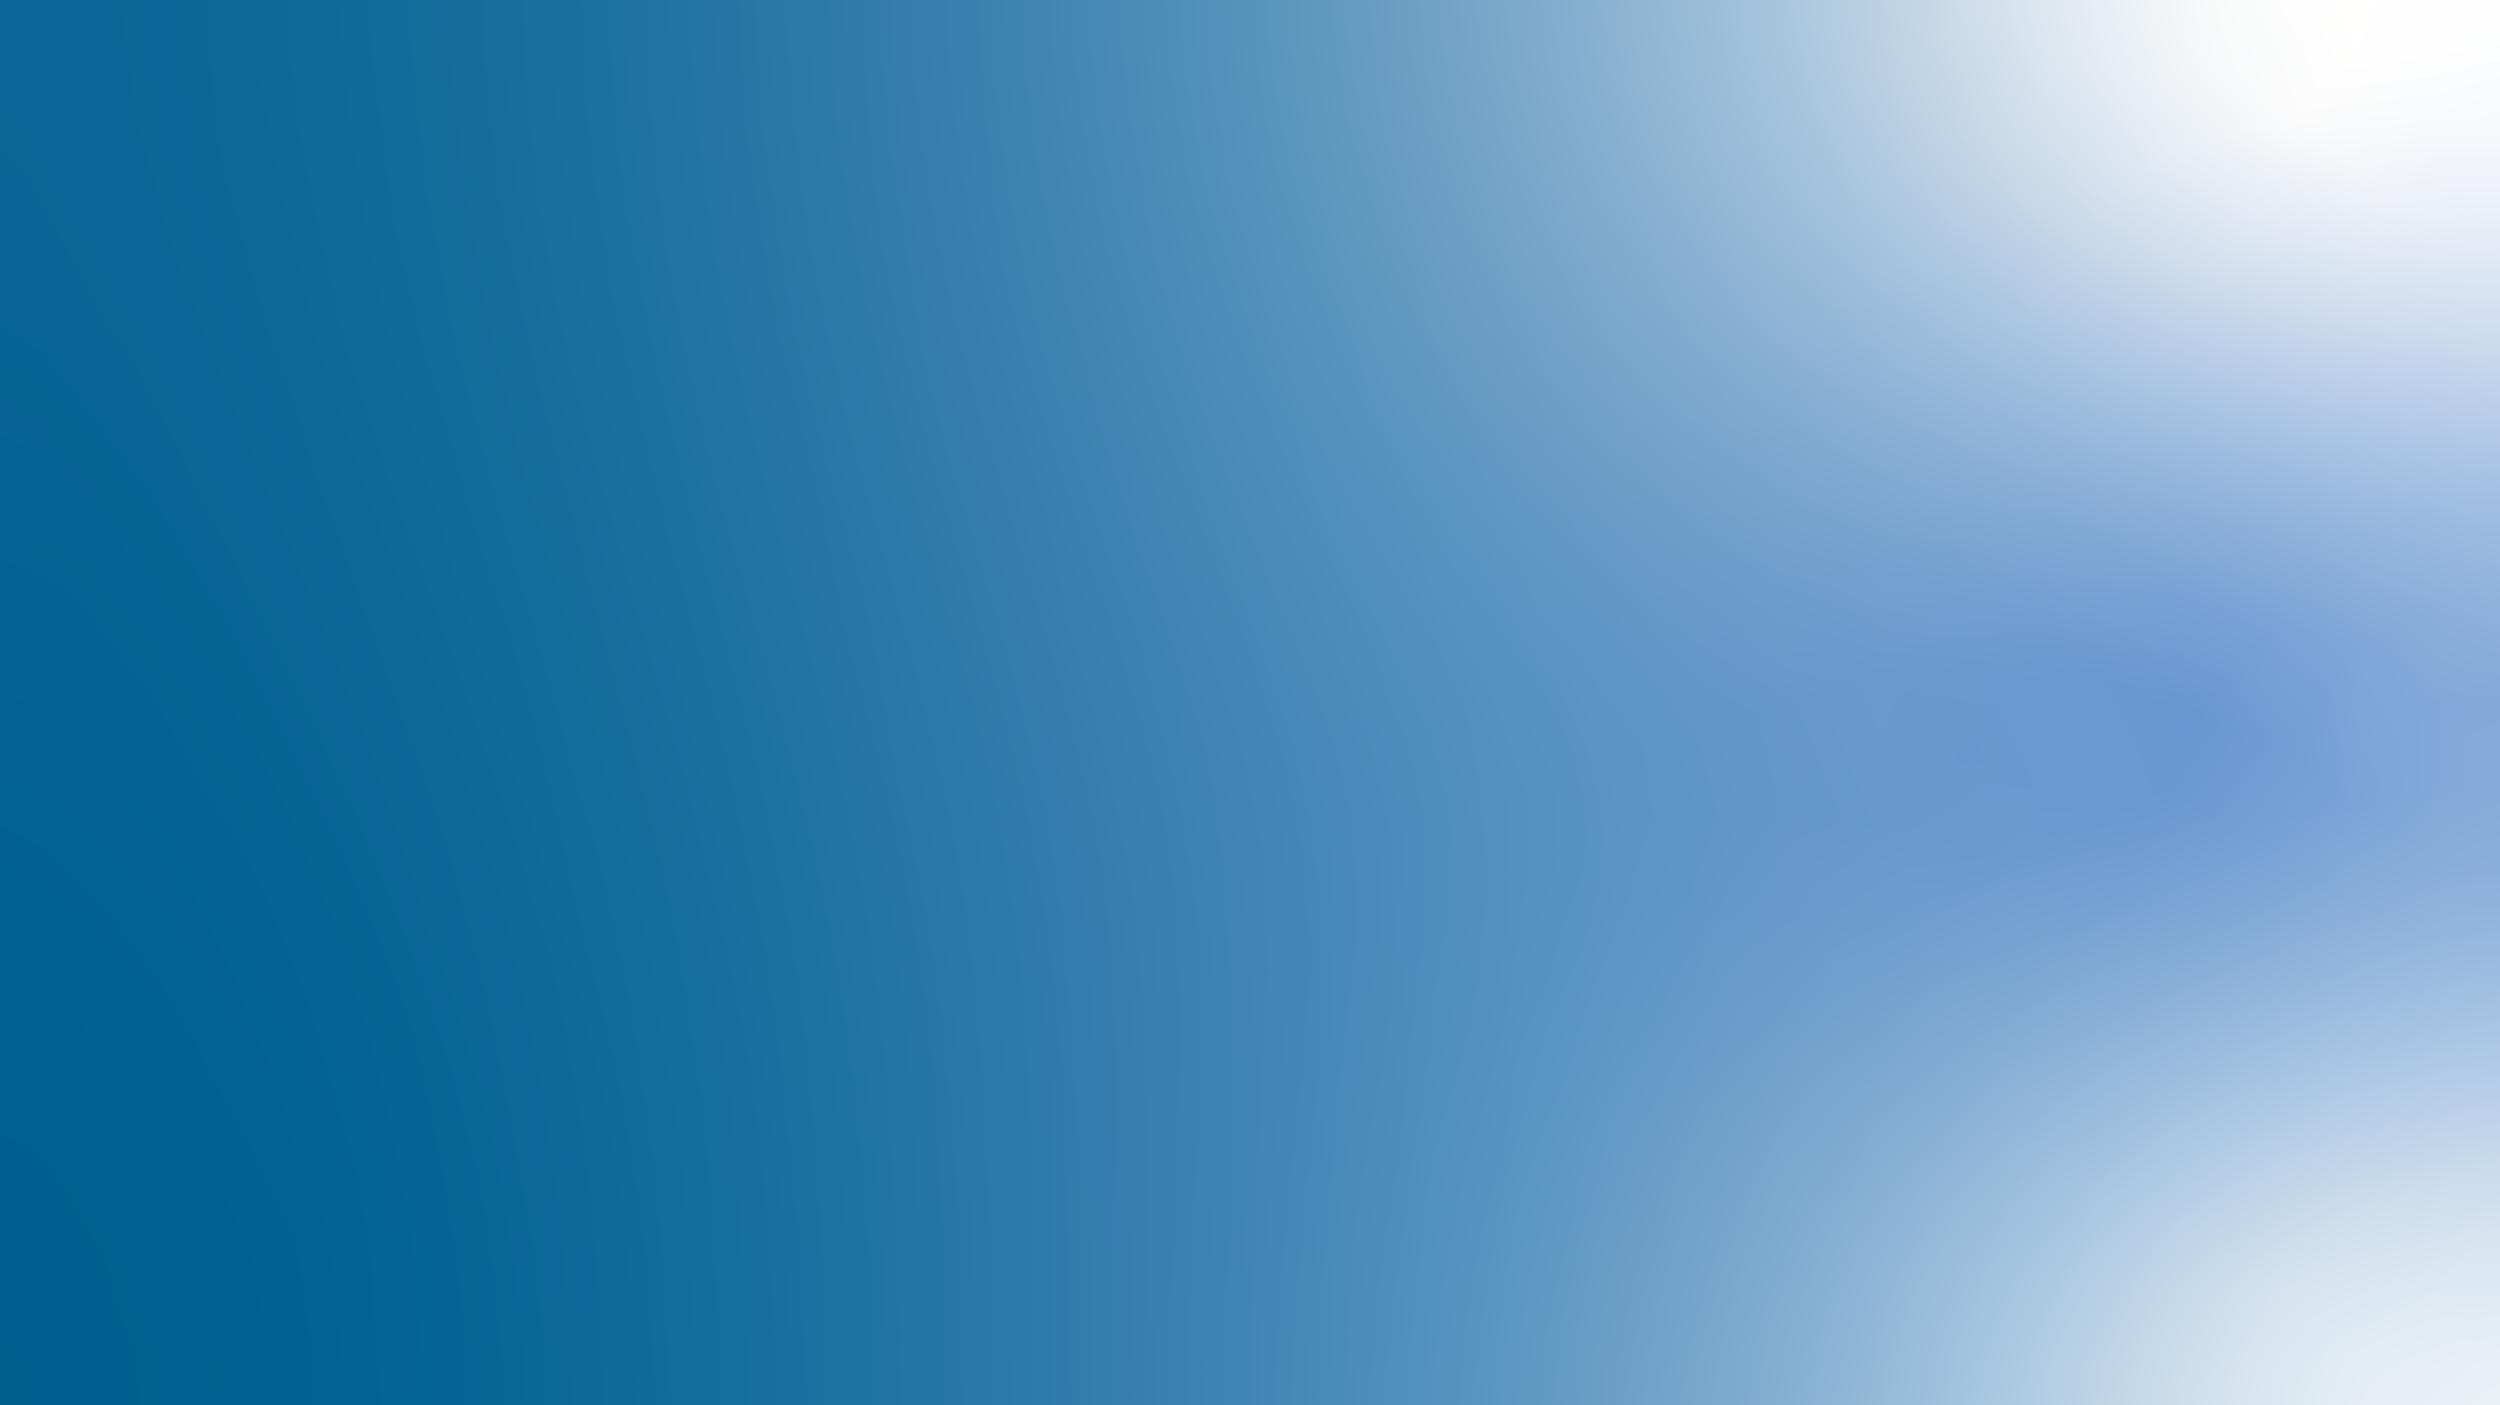 Depuis 2010, destinationsante.com -